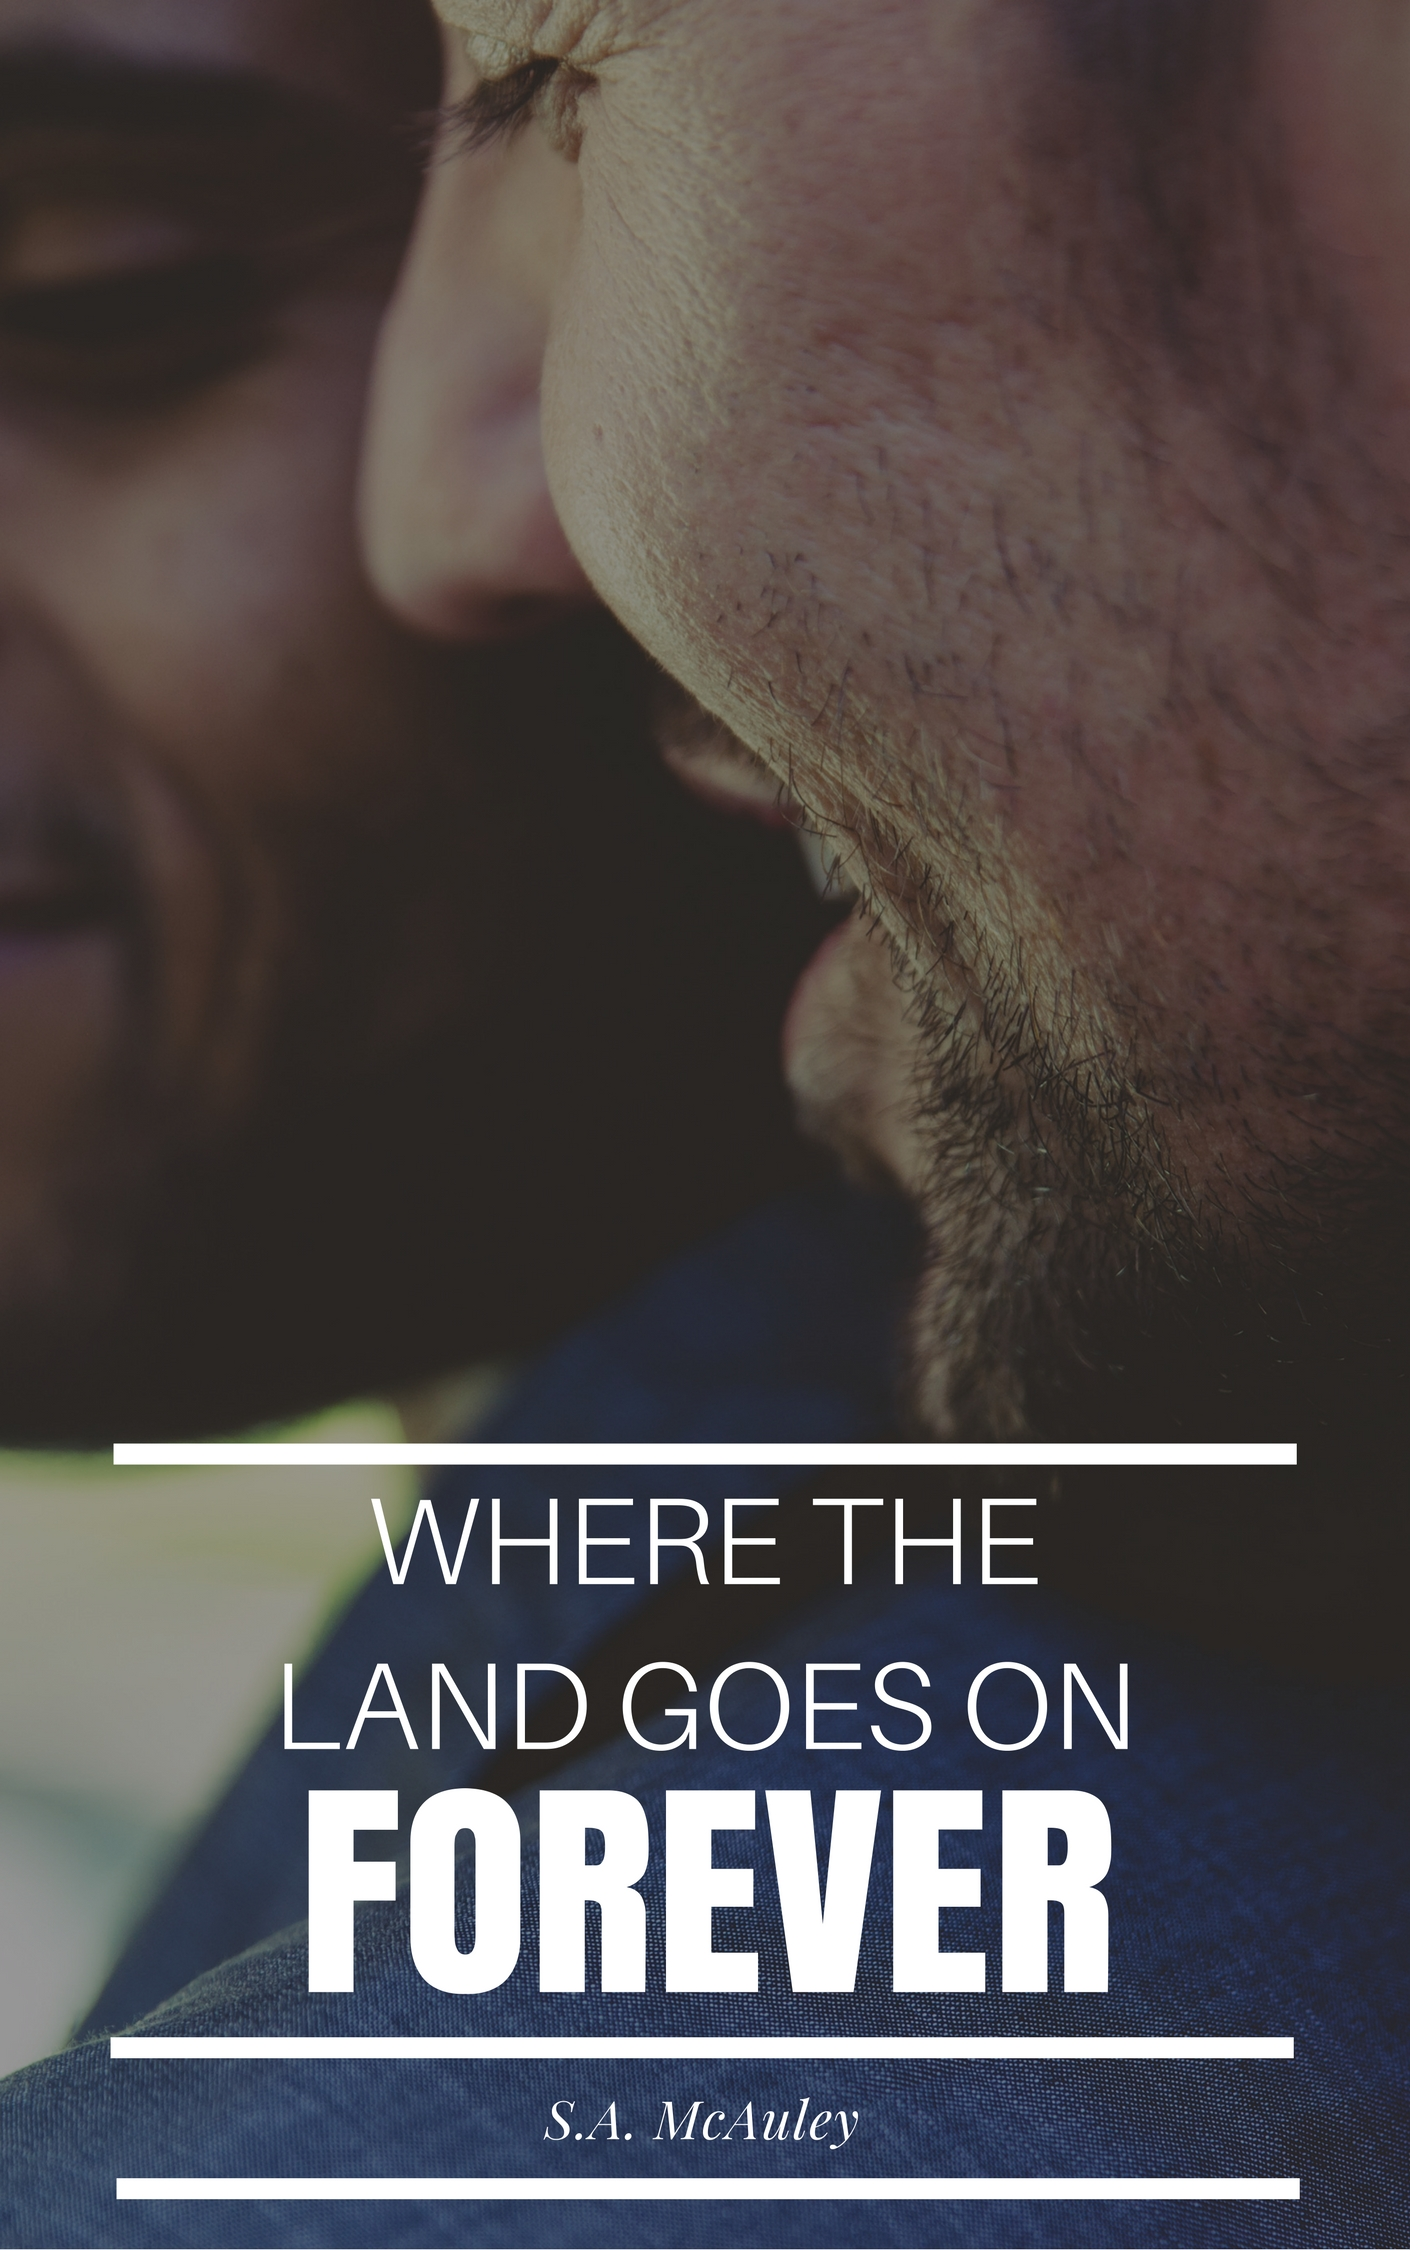 Where the Land Goes on Forever.jpg